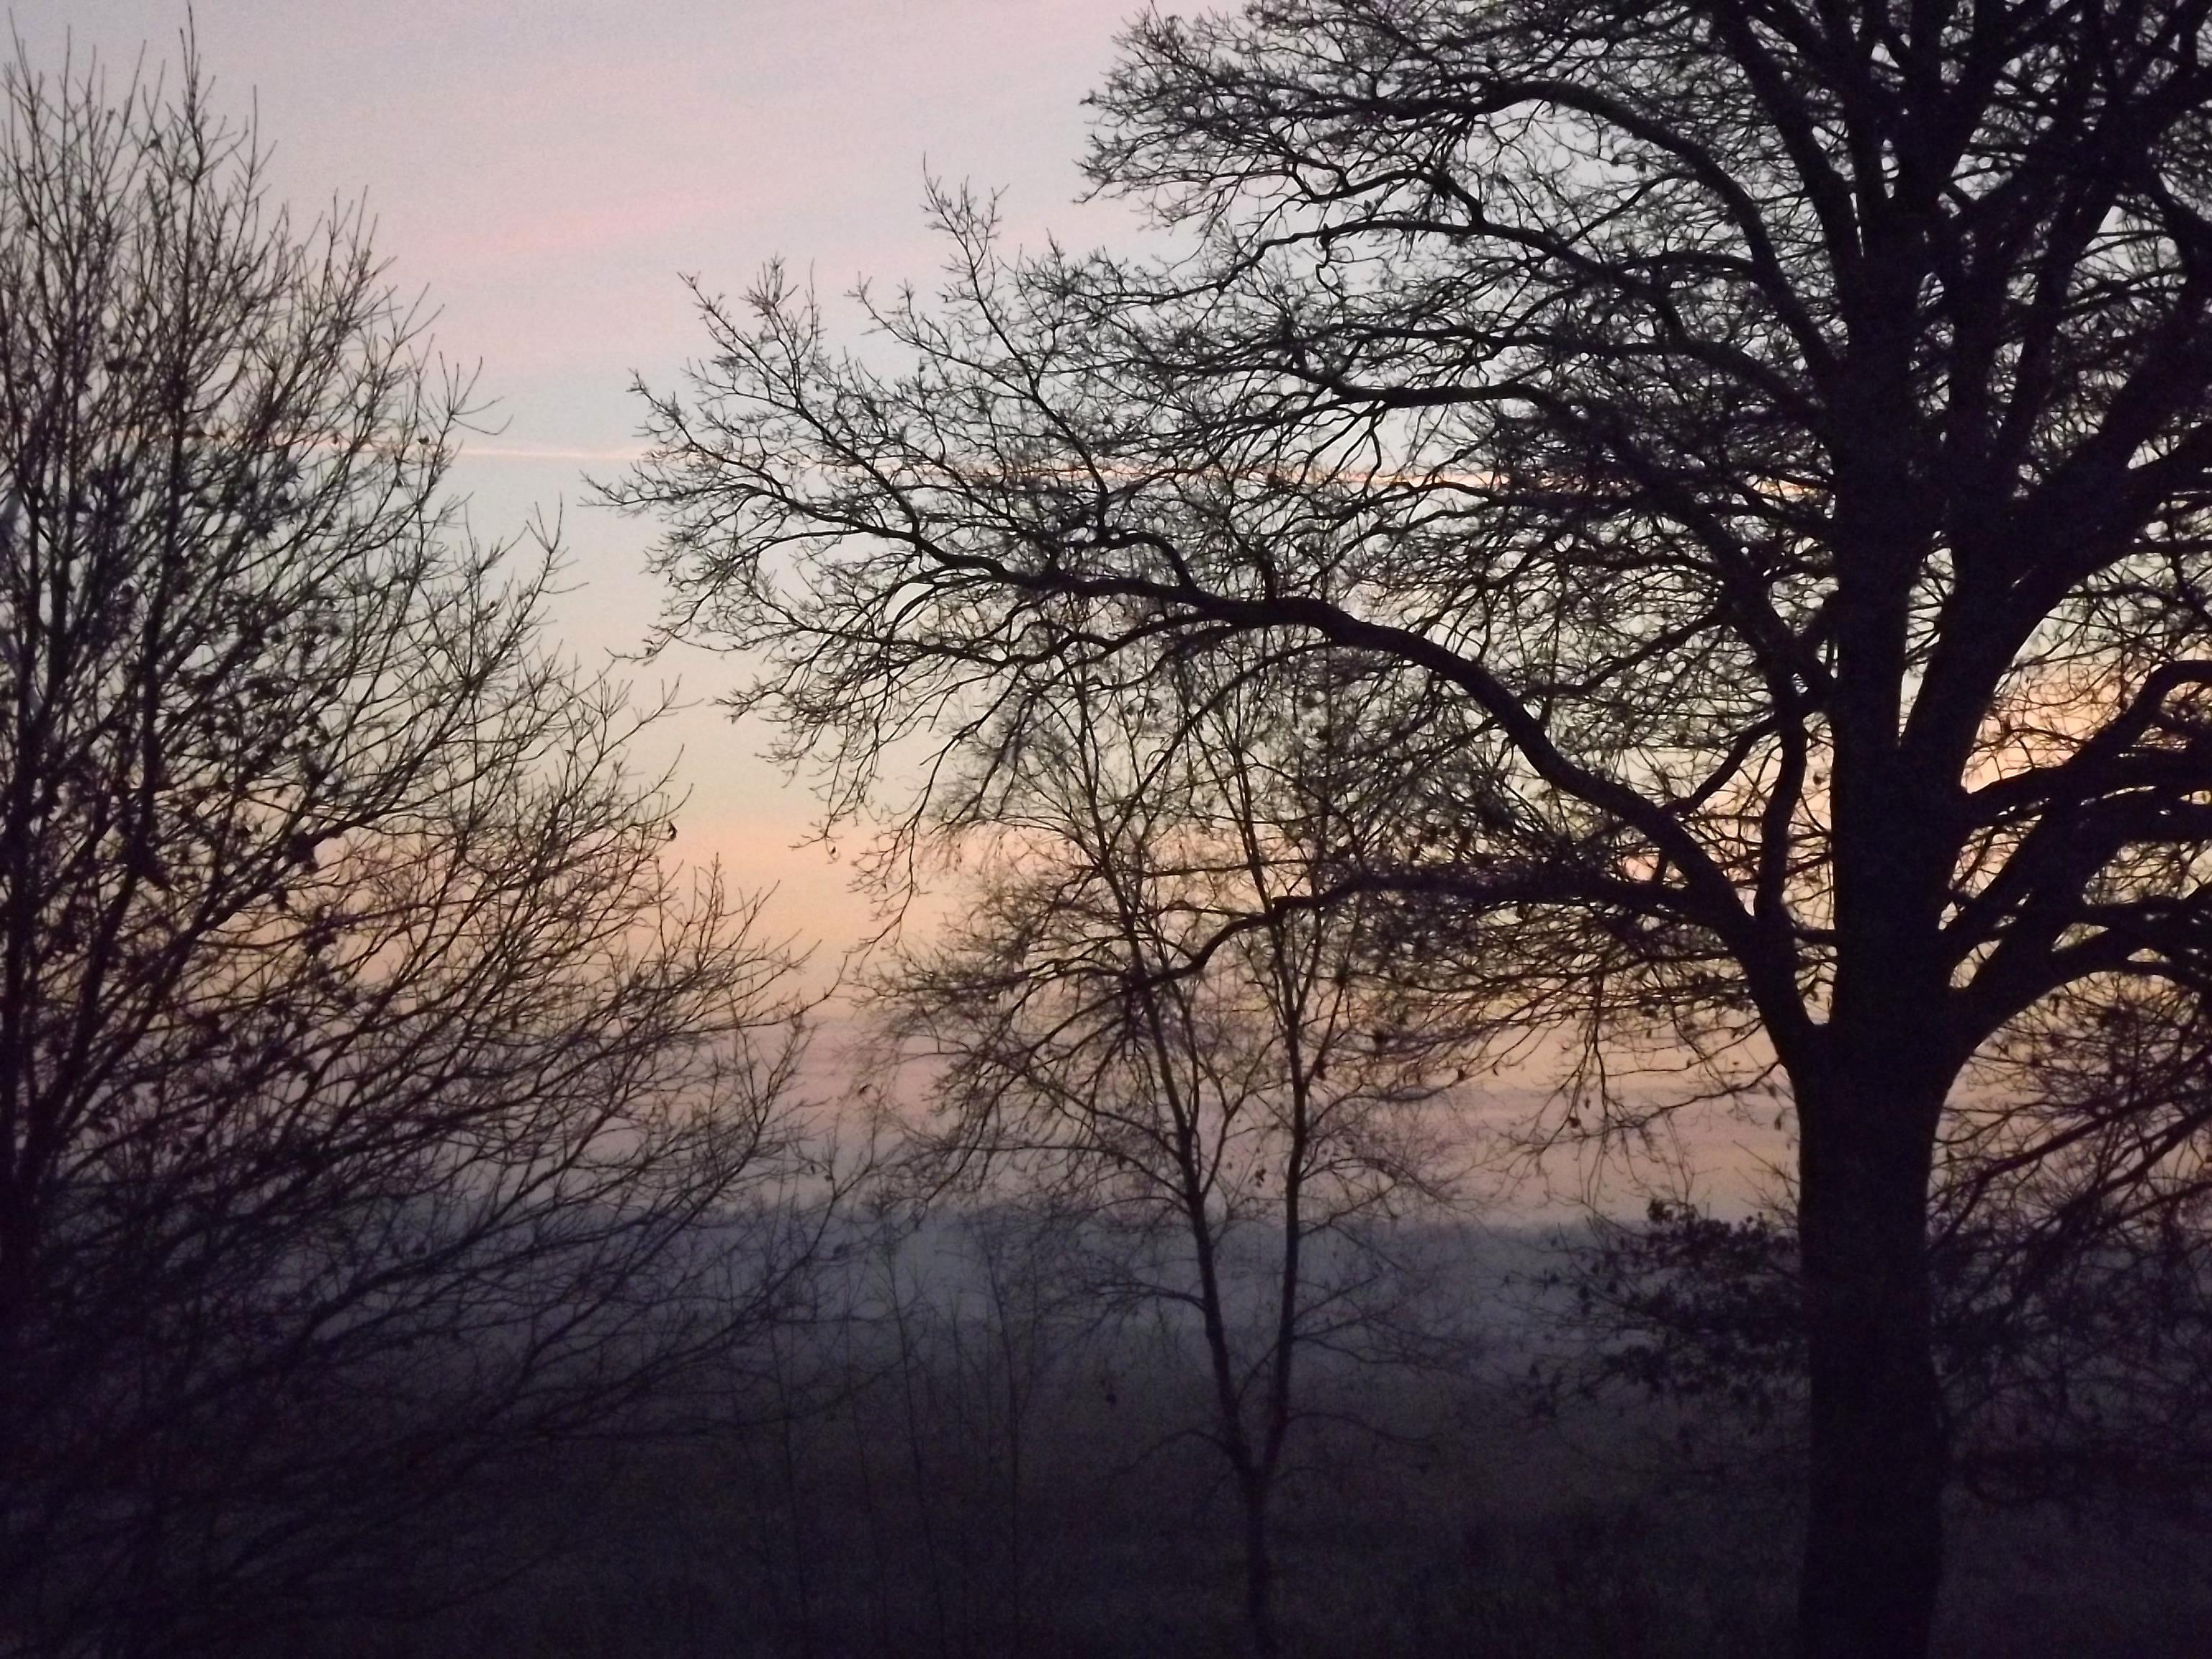 8407-baeume-morgenhimmel-morgenroete-sonnenaufgang